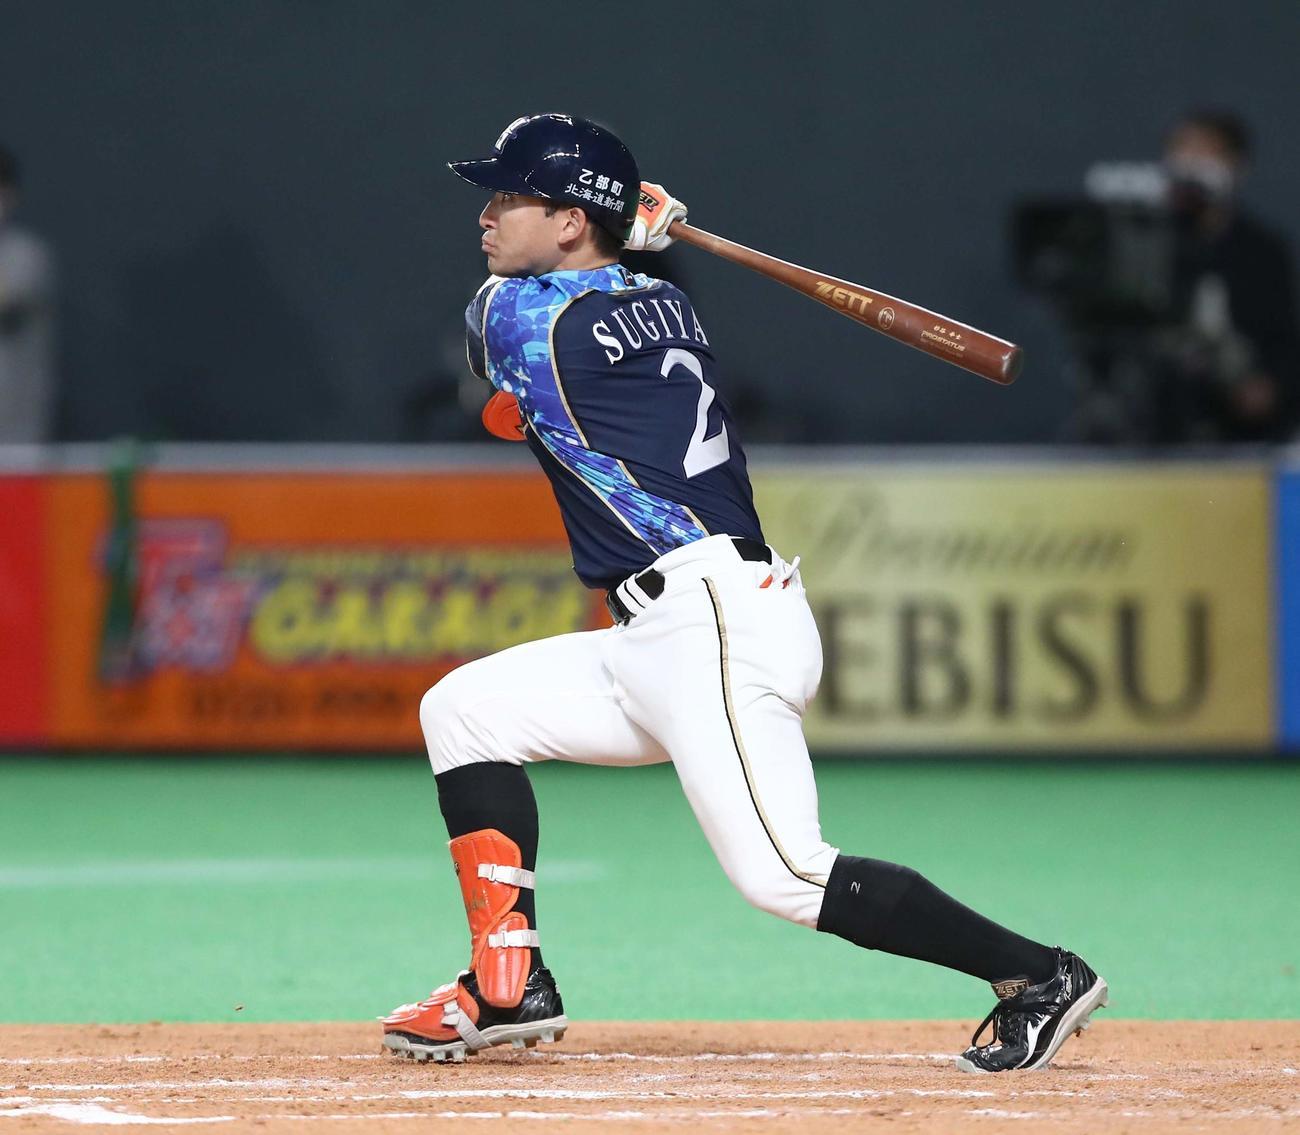 日本ハム対楽天 3回裏日本ハム2死、右越え本塁打を放つ杉谷(撮影・黒川智章)